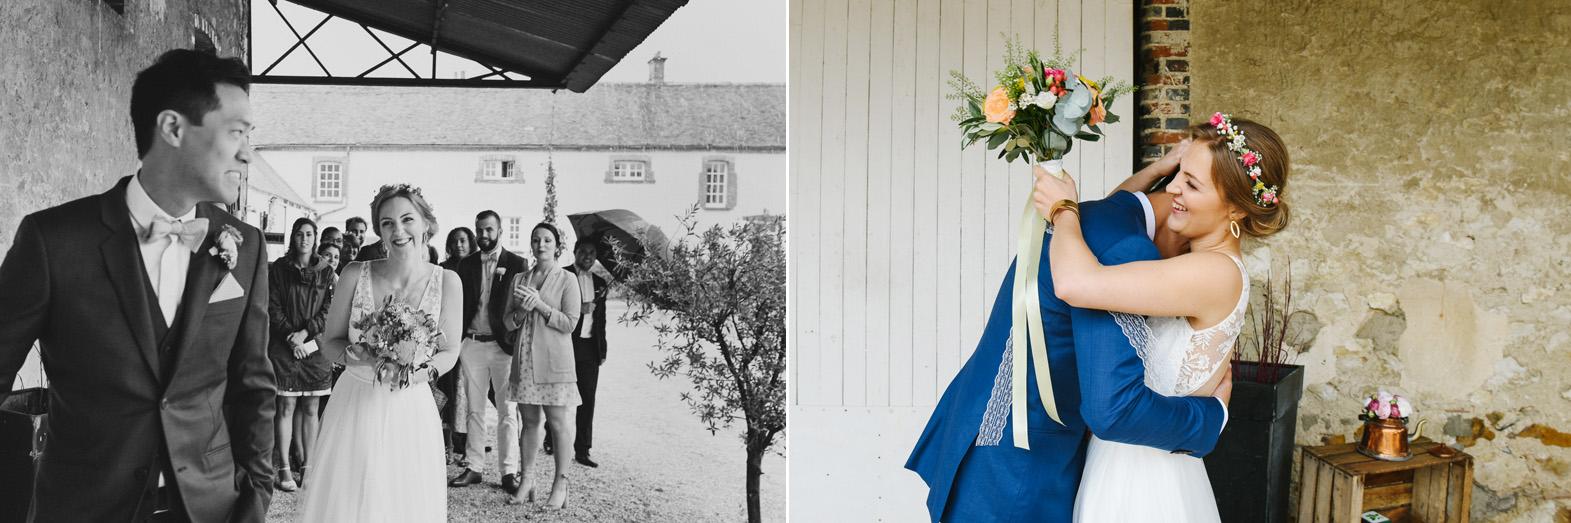 mariage_LW_domaine de la Pepiniere_seine-et-marne_77_photographie_clemence_dubois MEP8